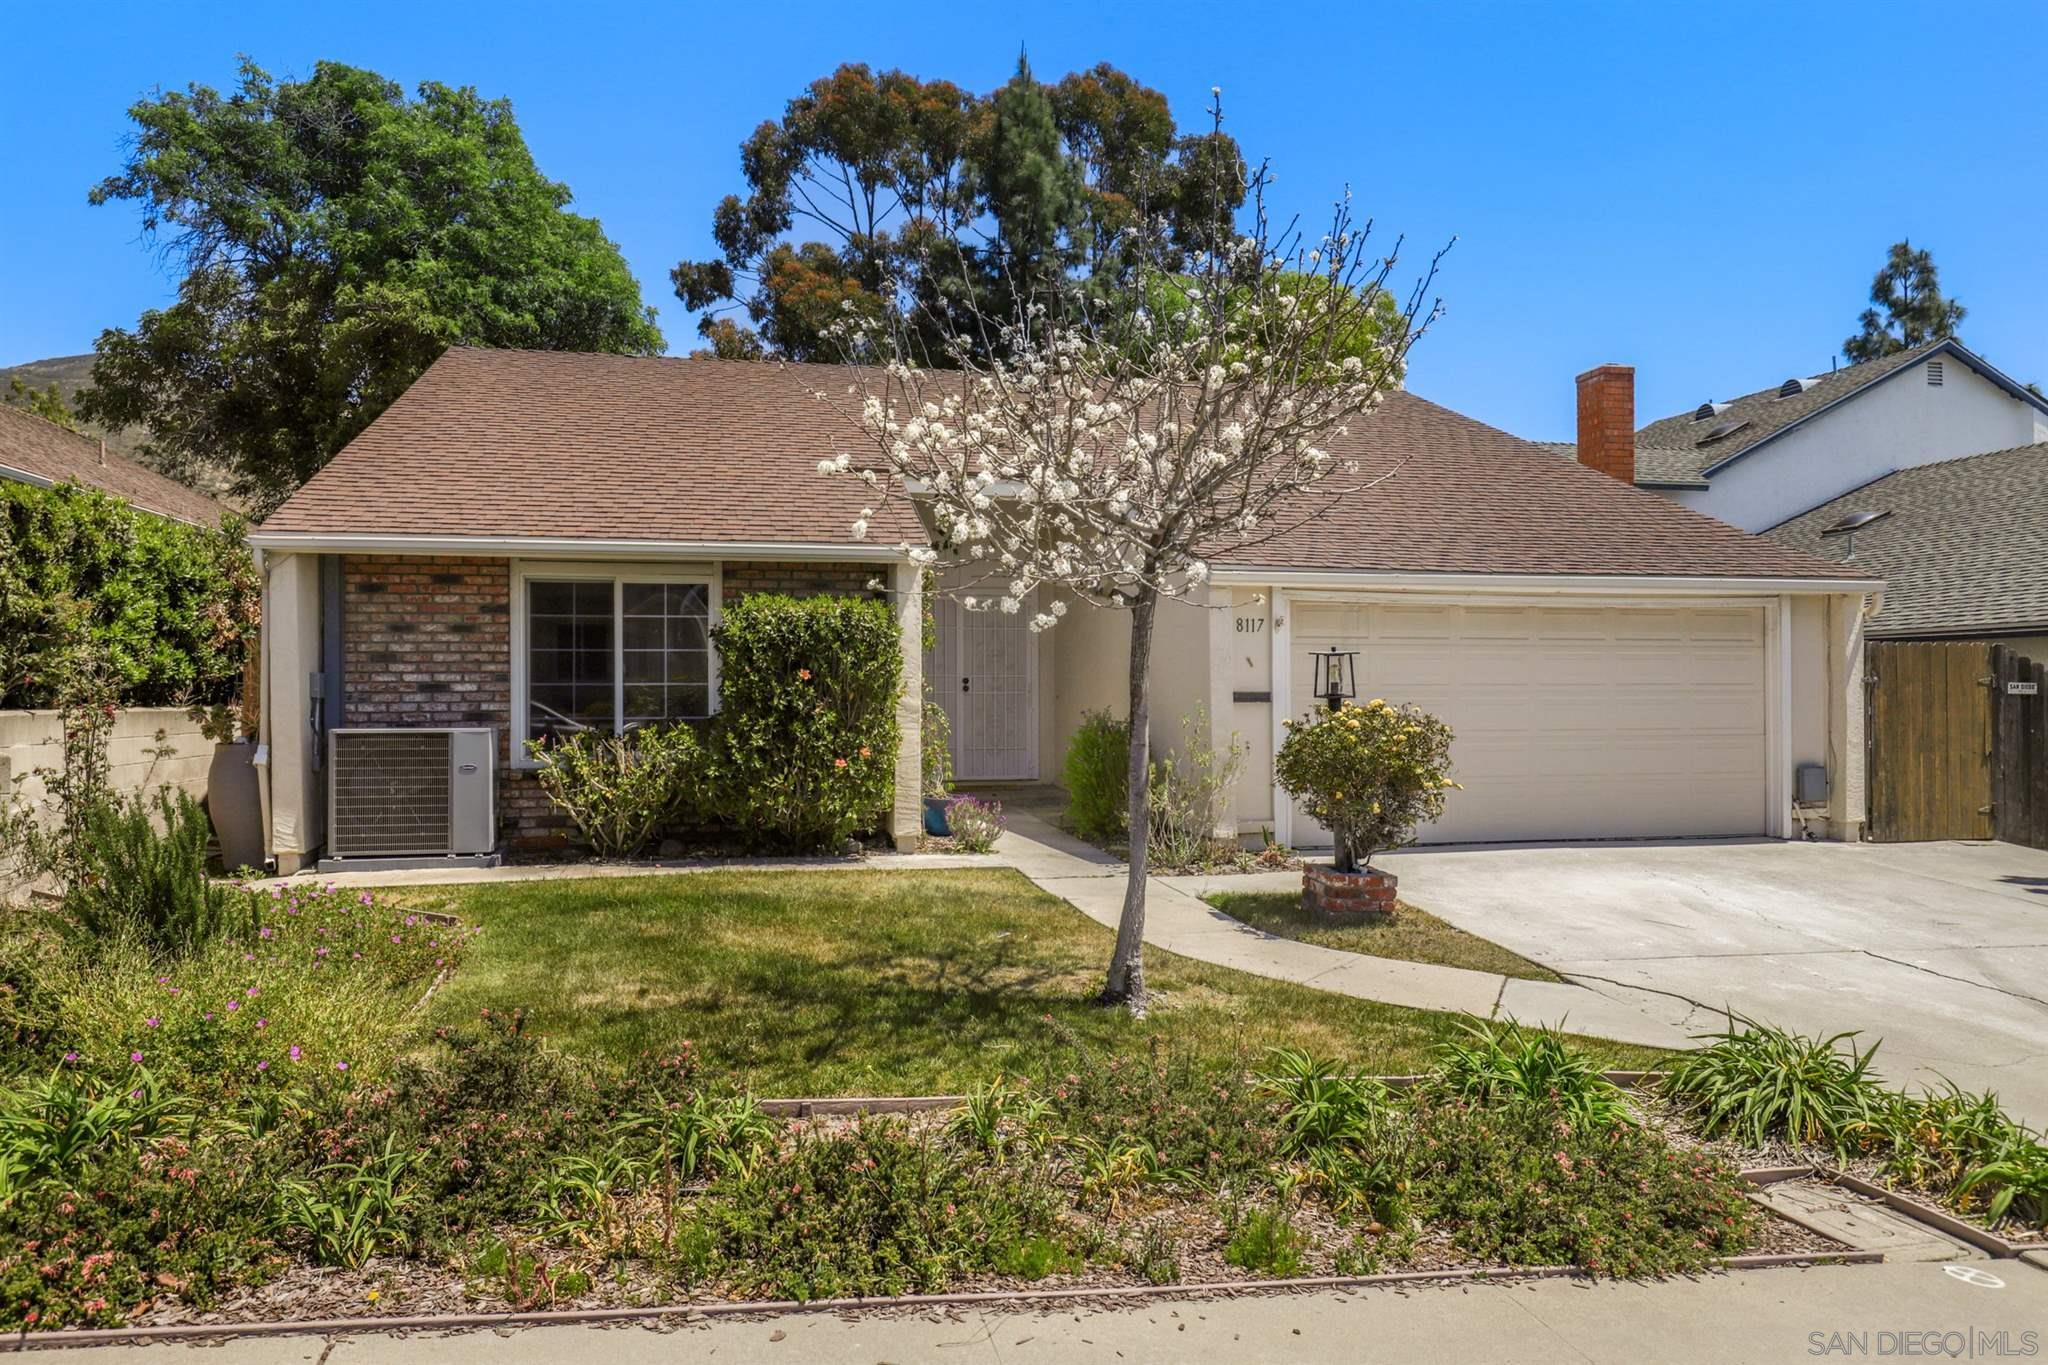 8117 El Extenso Ct, San Diego, CA 92119